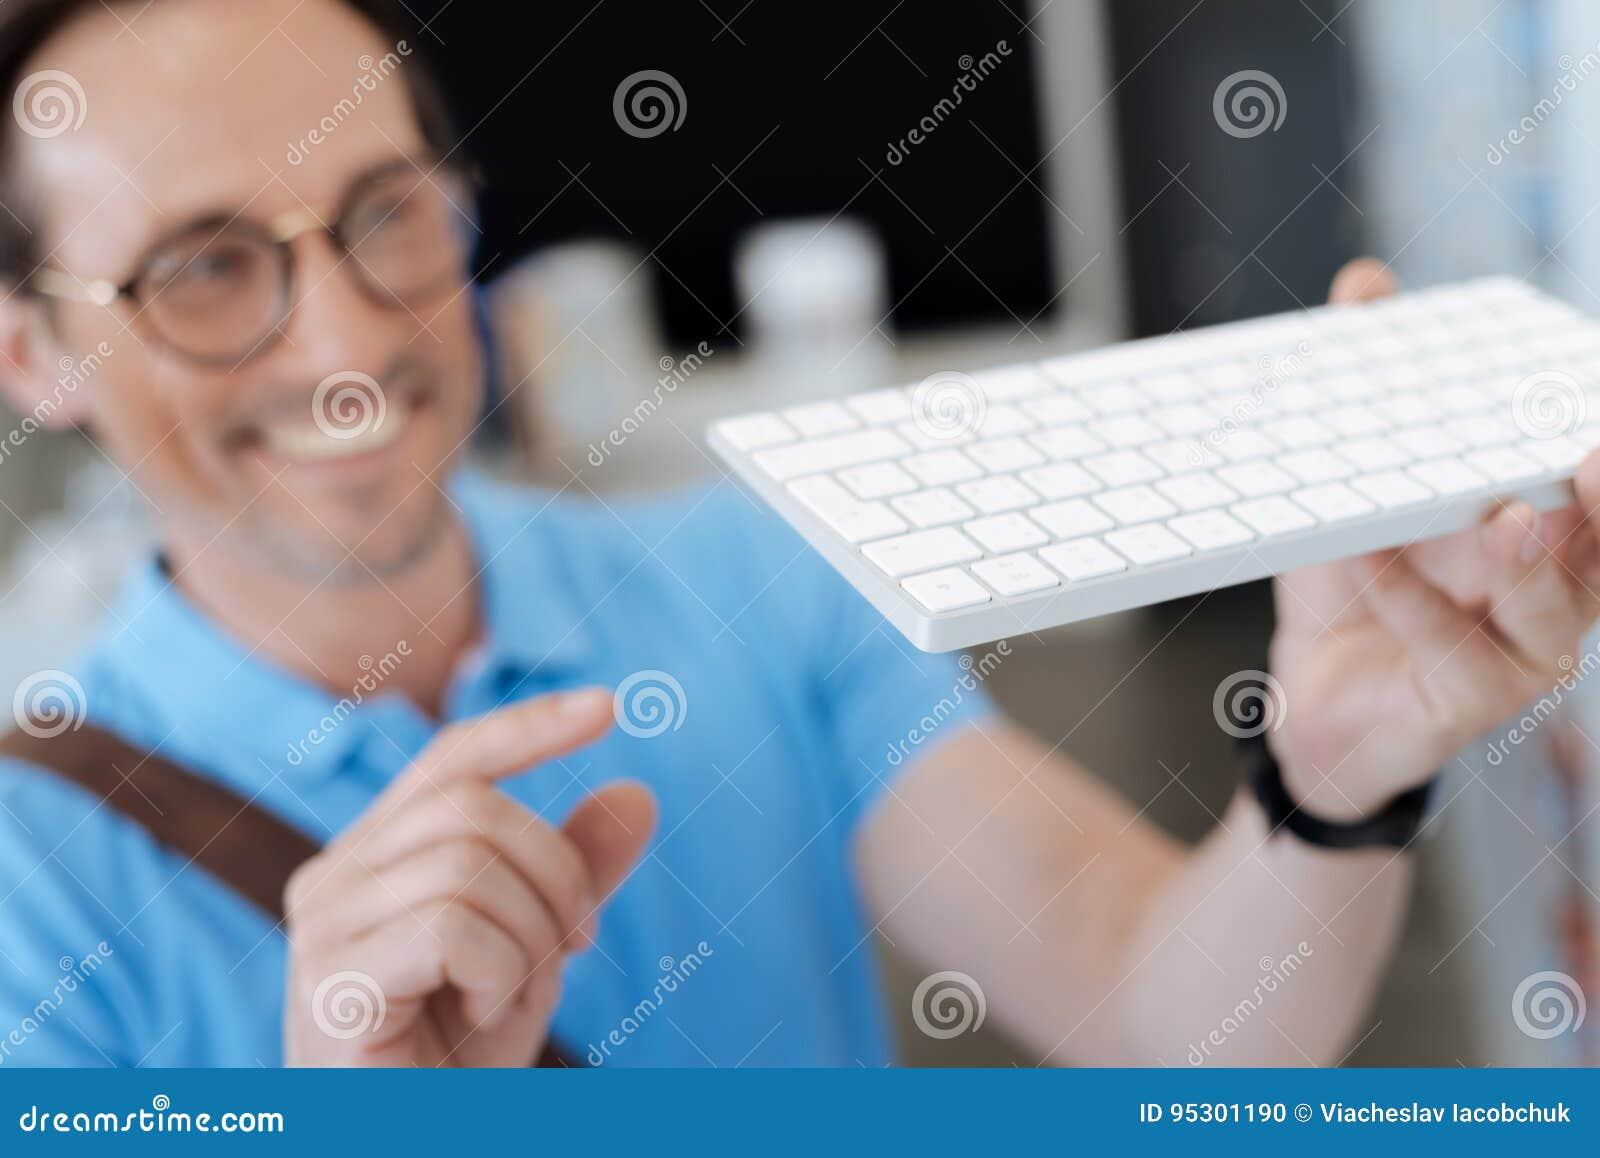 Homem entusiasmado que olha o teclado para seu computador na sala de exposições